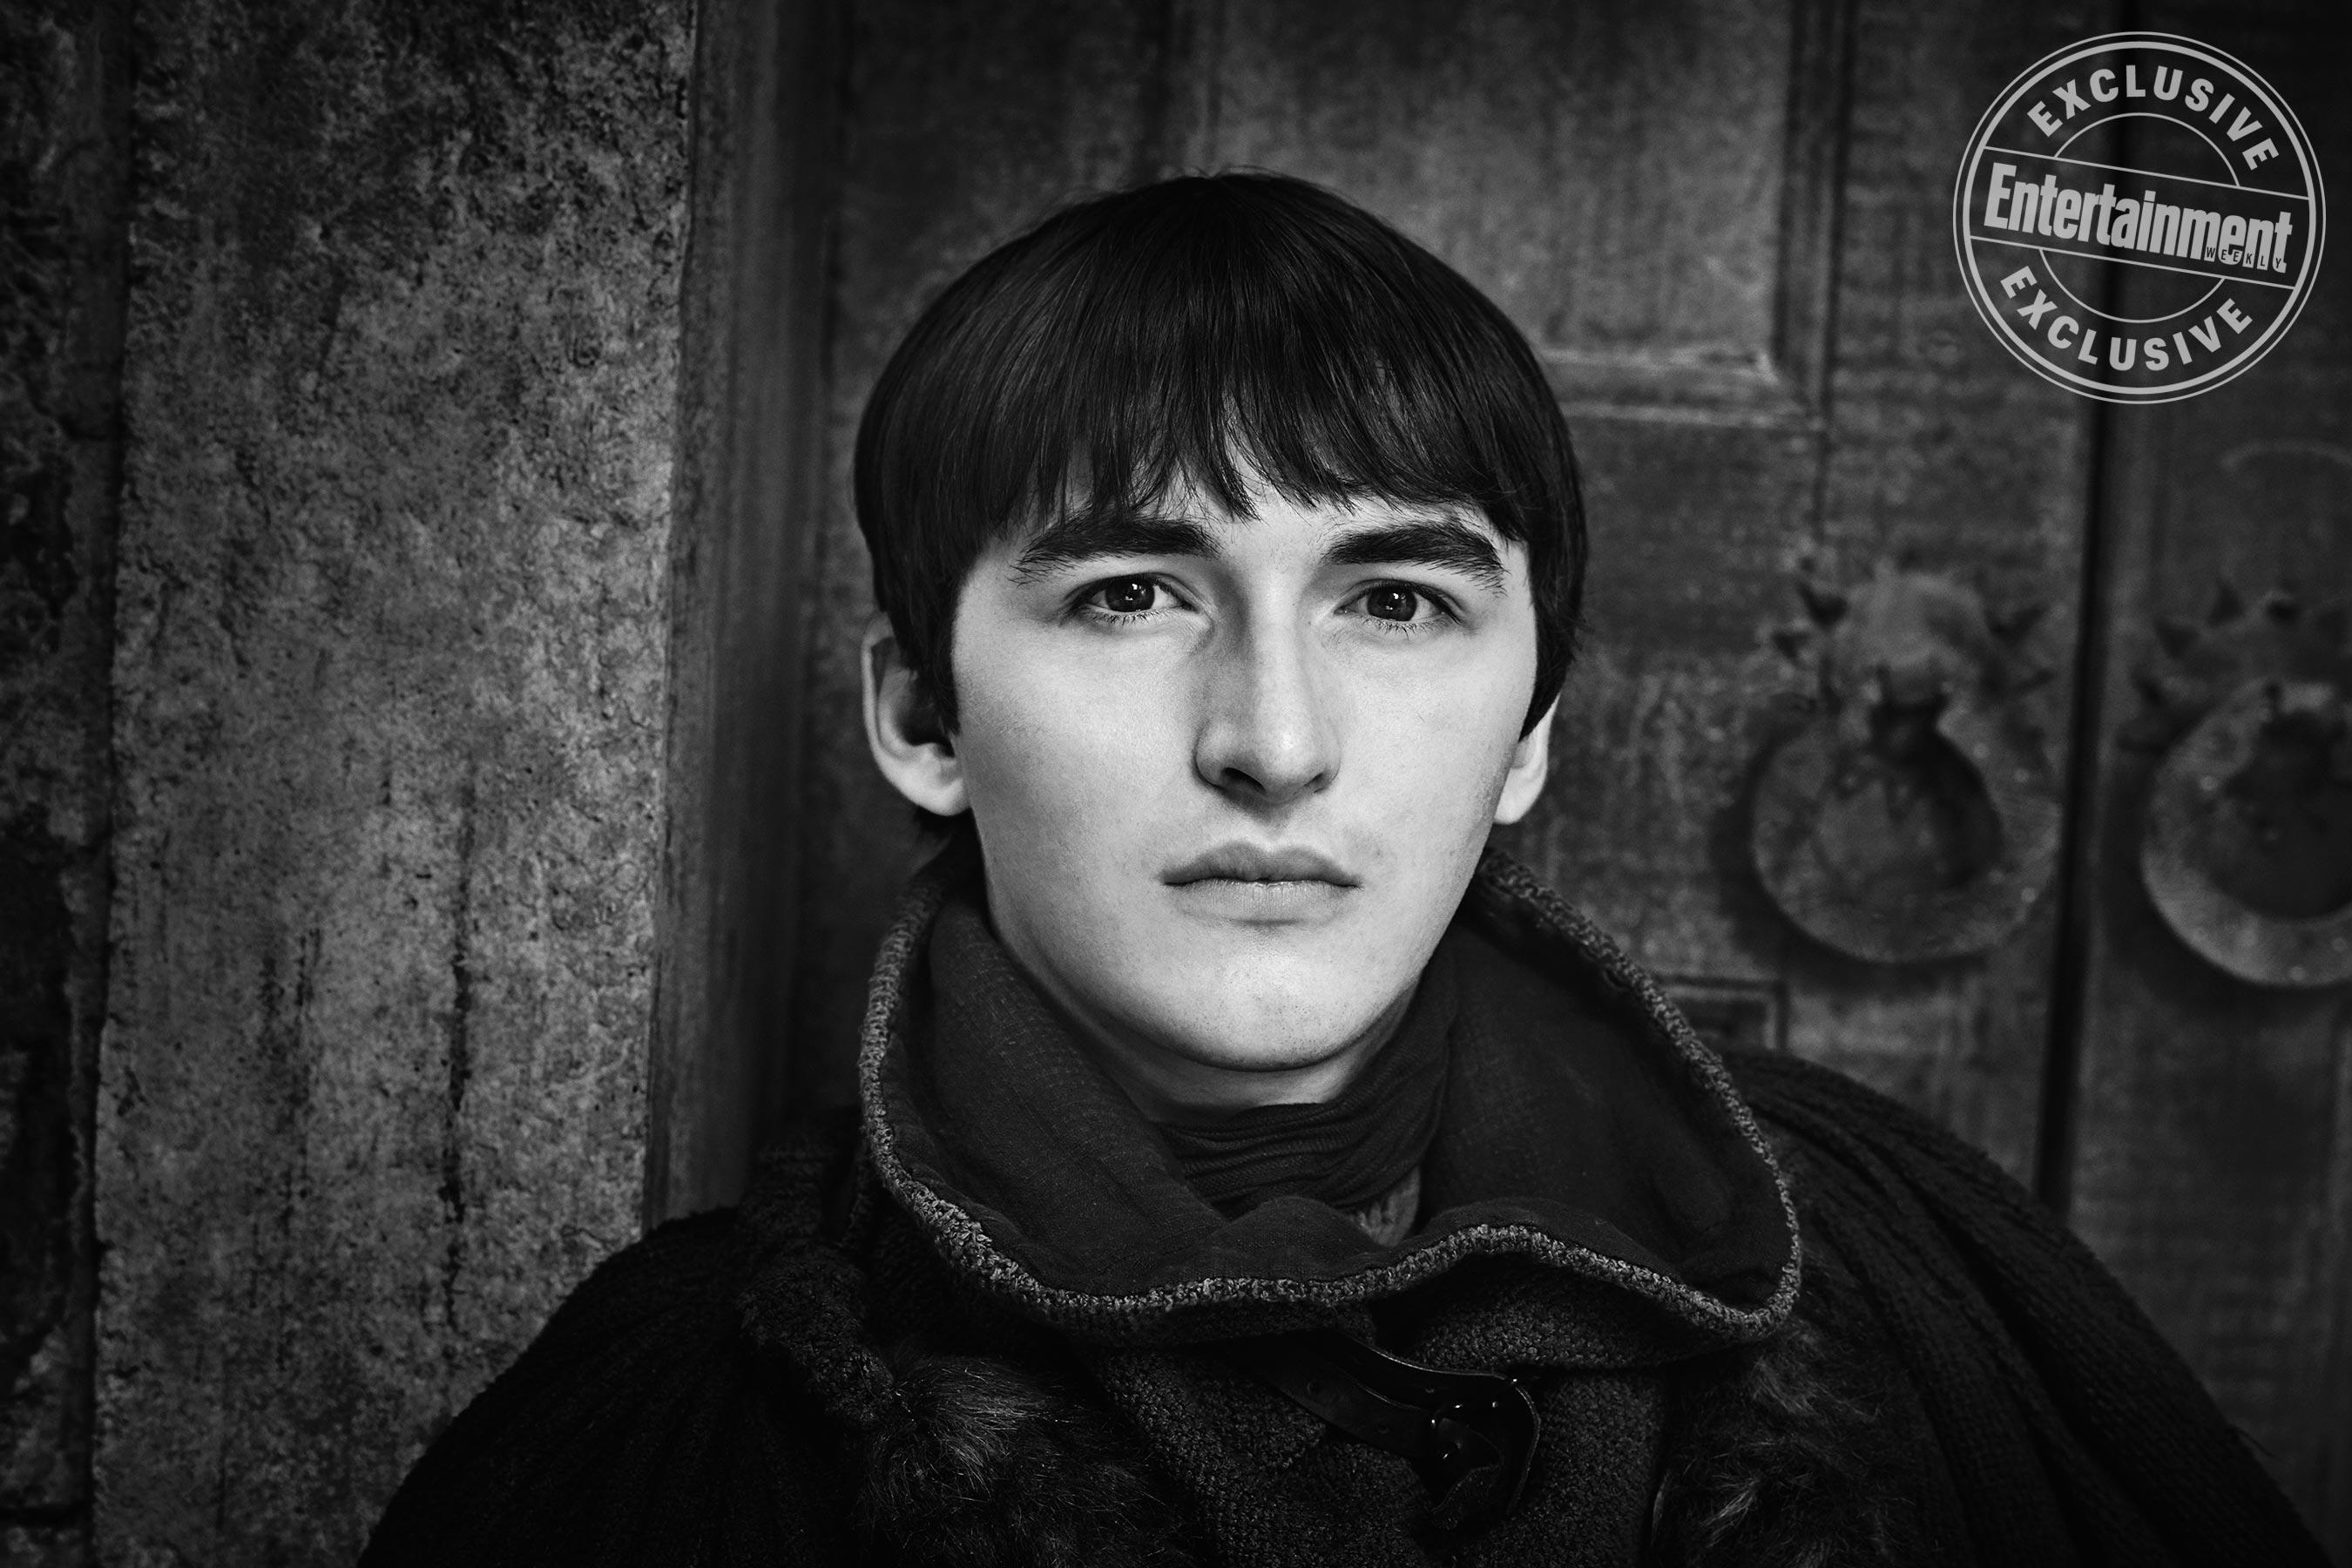 Entertainment Weekly Photoshoot - 2019 - Isaac Hempstead-Wright as Bran Stark